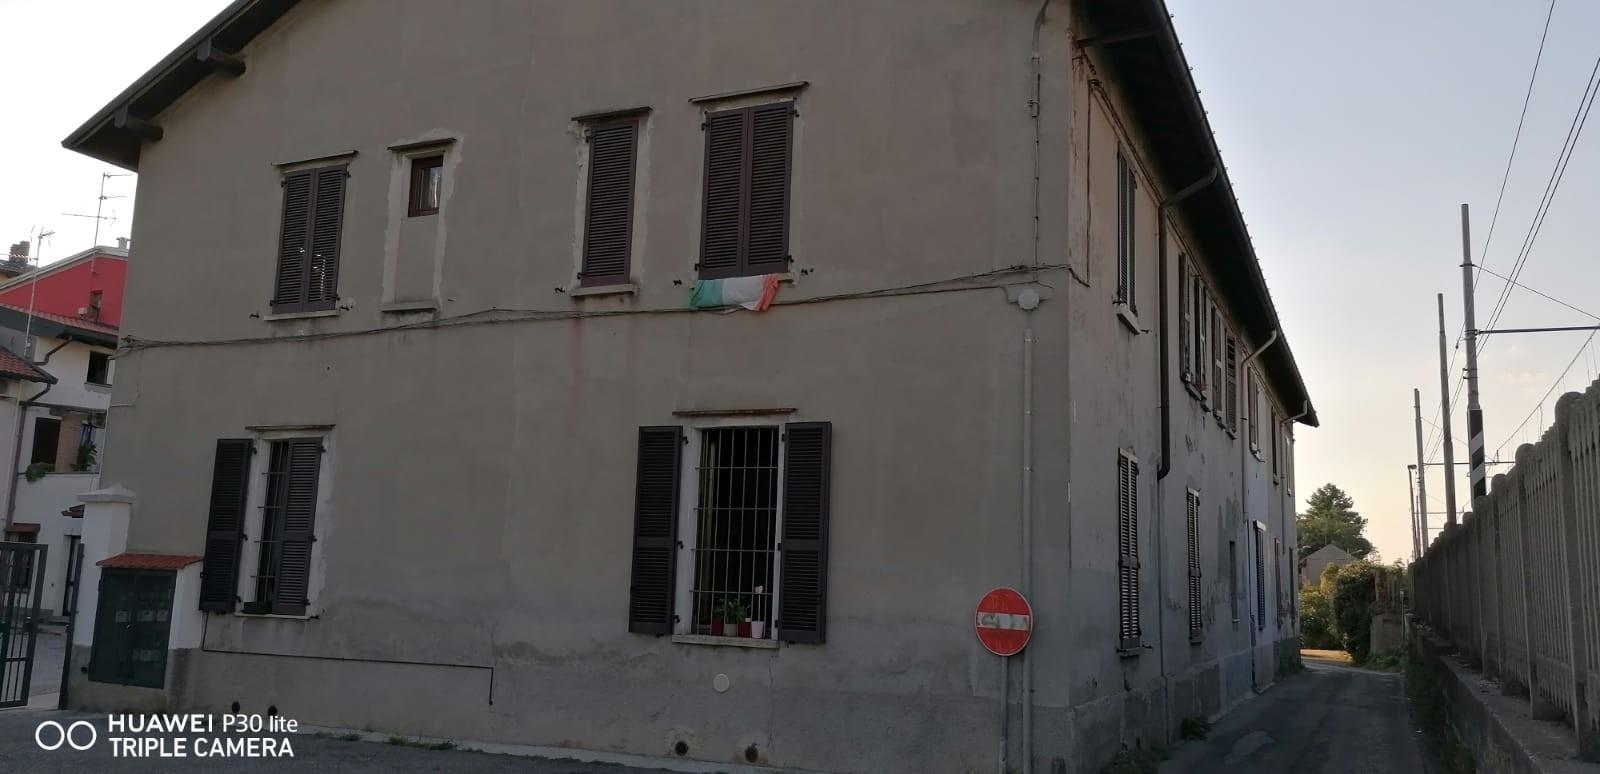 Foto 8 - Appartamento in Vendita - Lissone (Monza e Brianza)